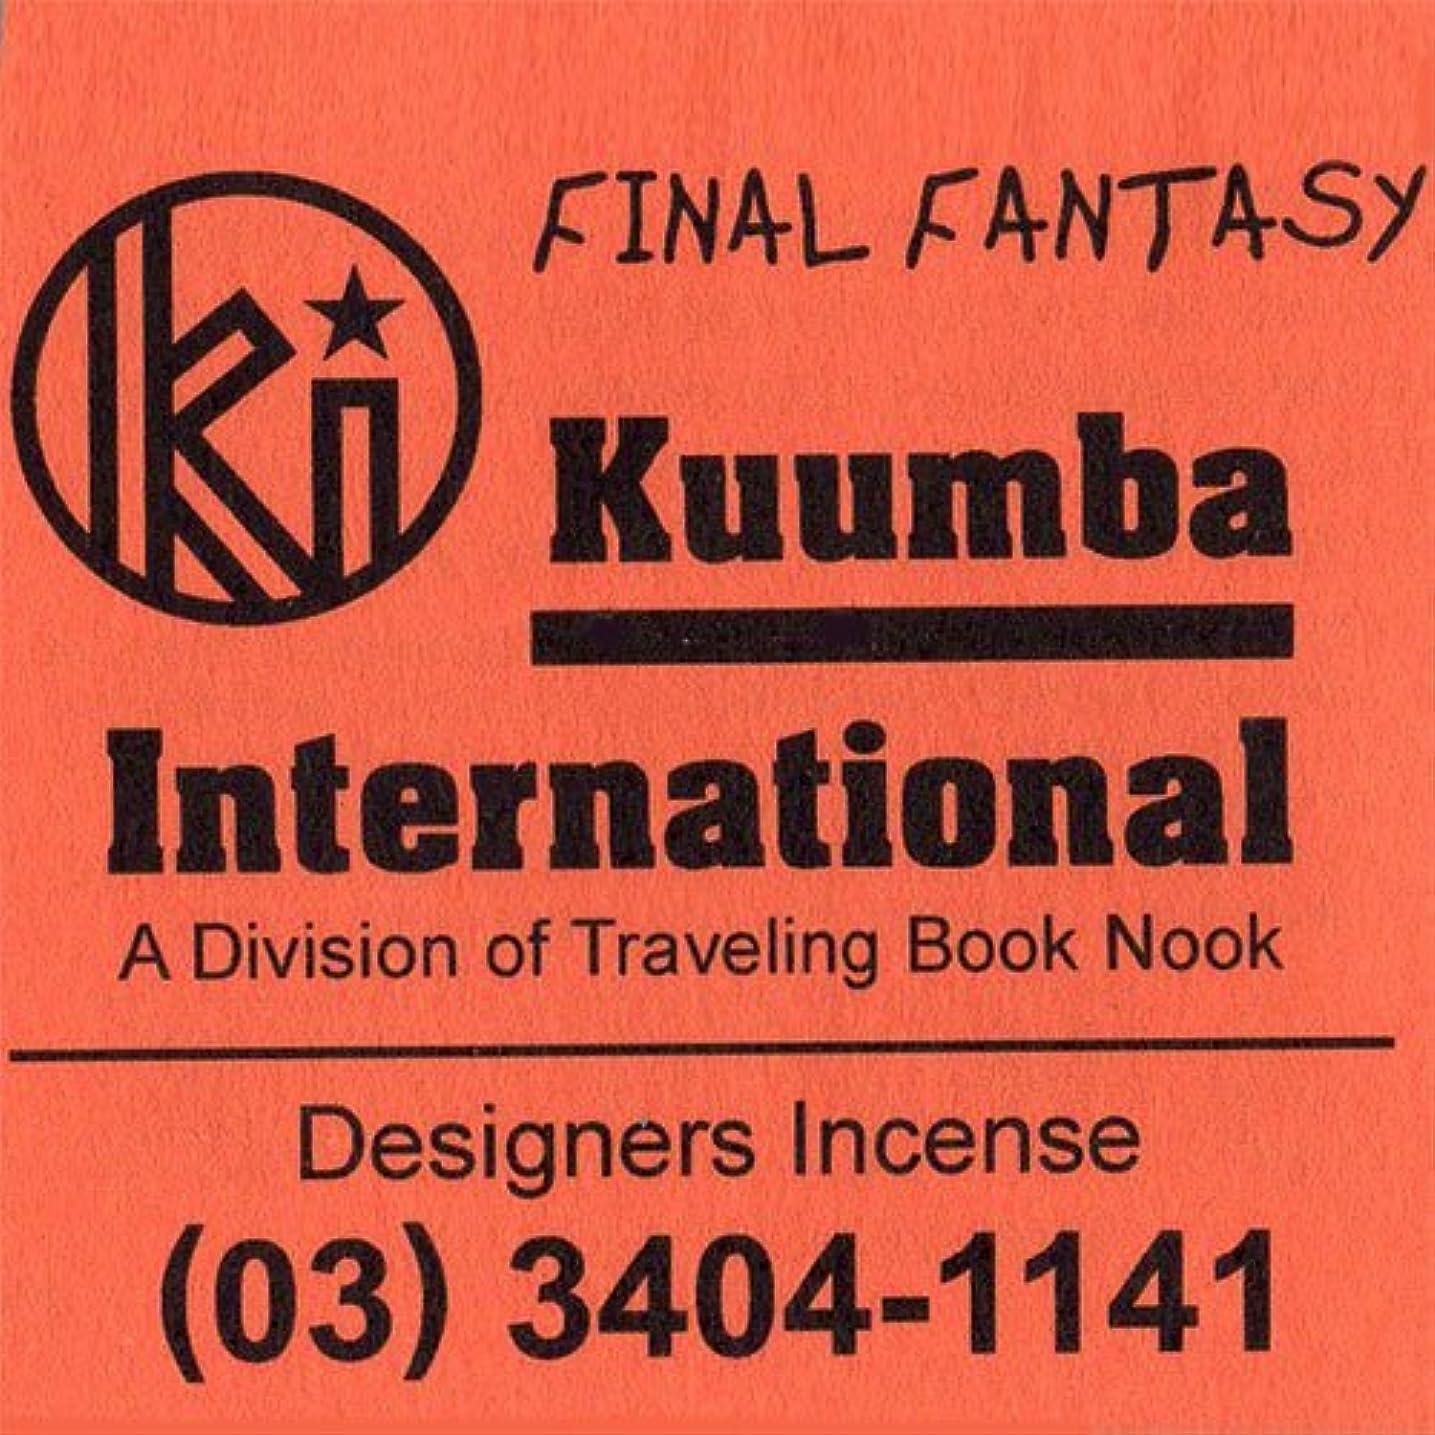 増幅器シプリー補充KUUMBA/クンバ『incense』(FINAL FANTASY) (Regular size)